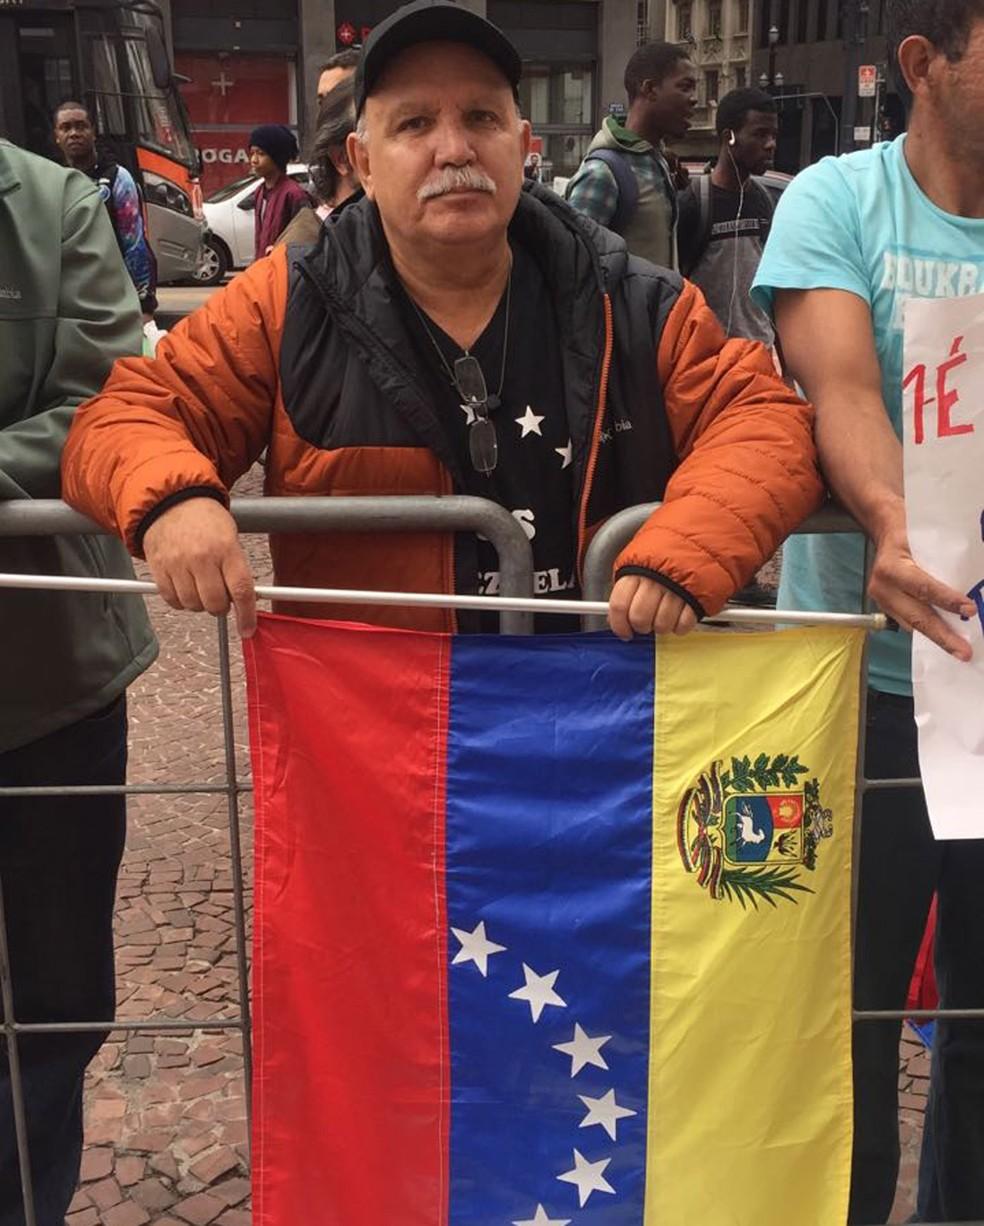 Há 15 anos no Brasil, Geraldo Garcia lamentou a violação dos direitos humanos em seu país de origem (Foto: Gabriela Bazzo/G1)